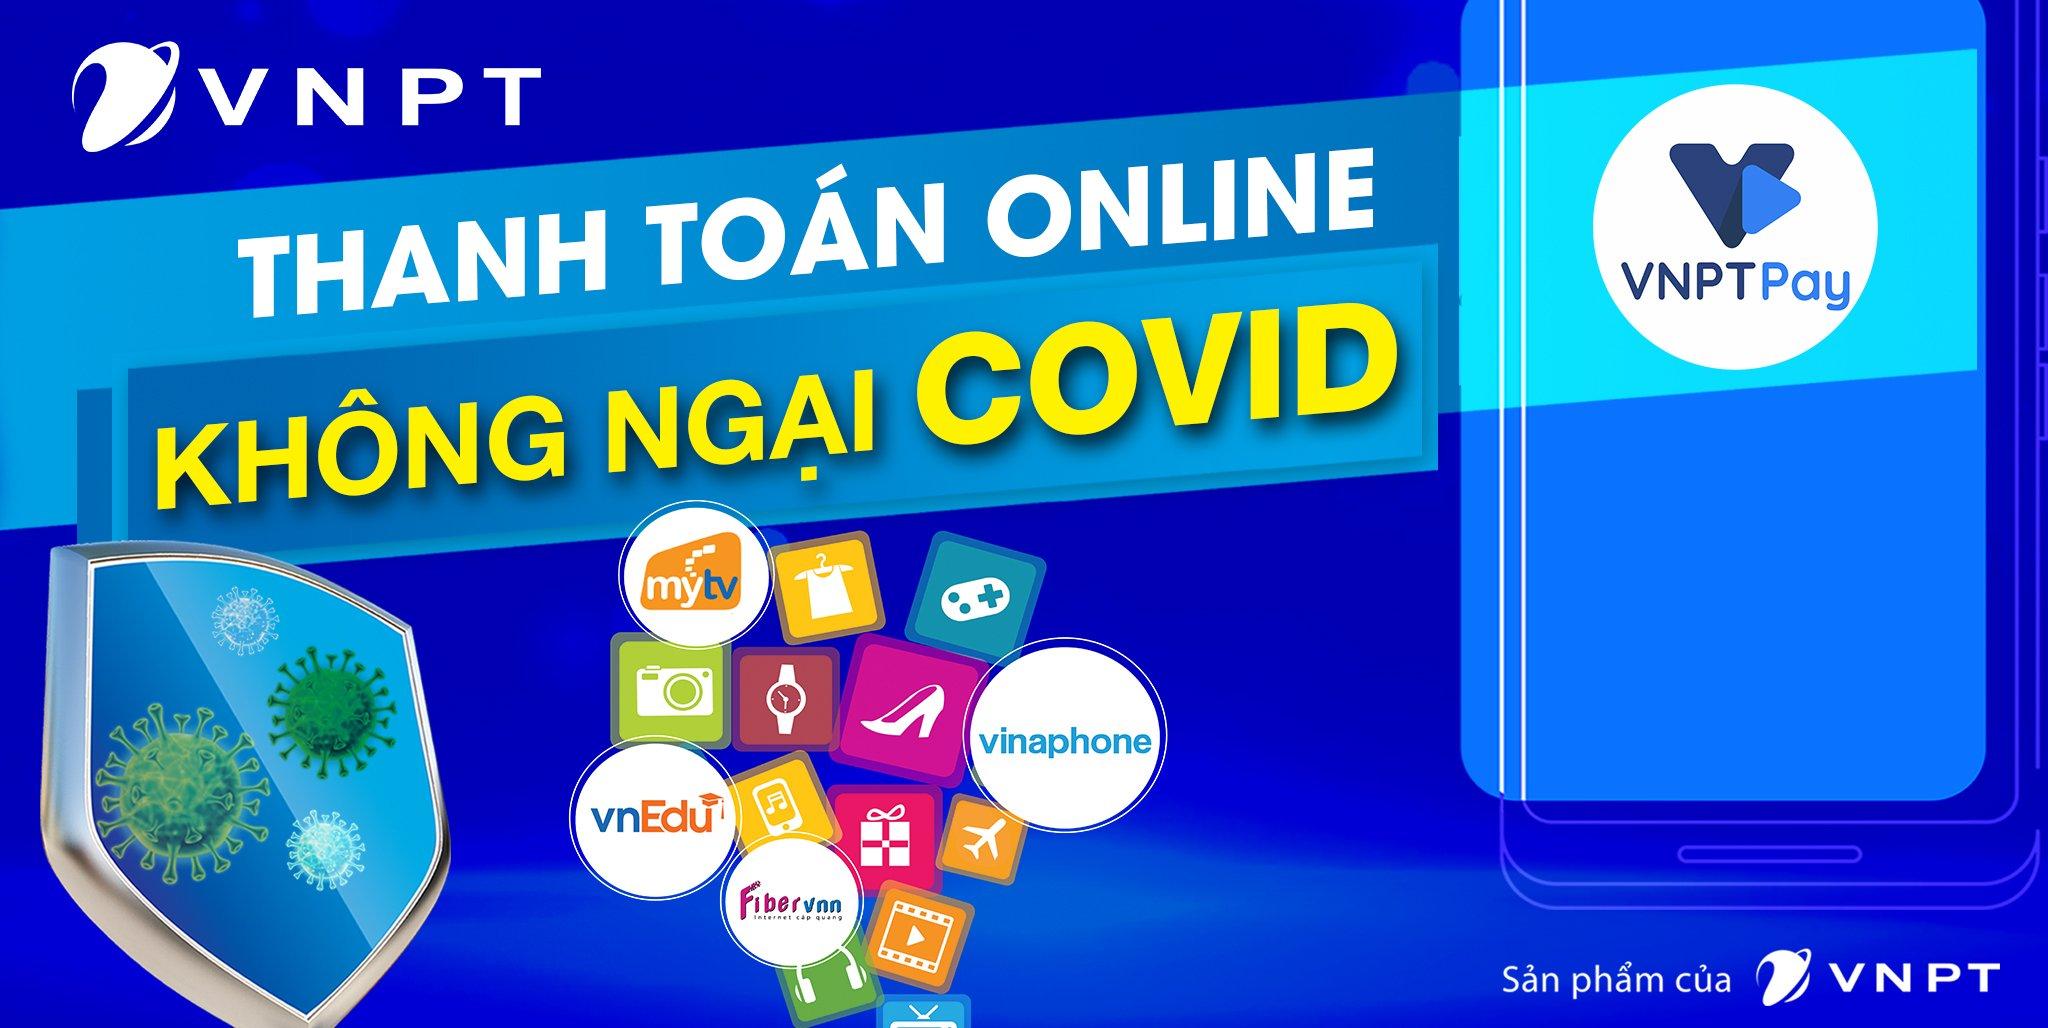 Thanh toán cước online